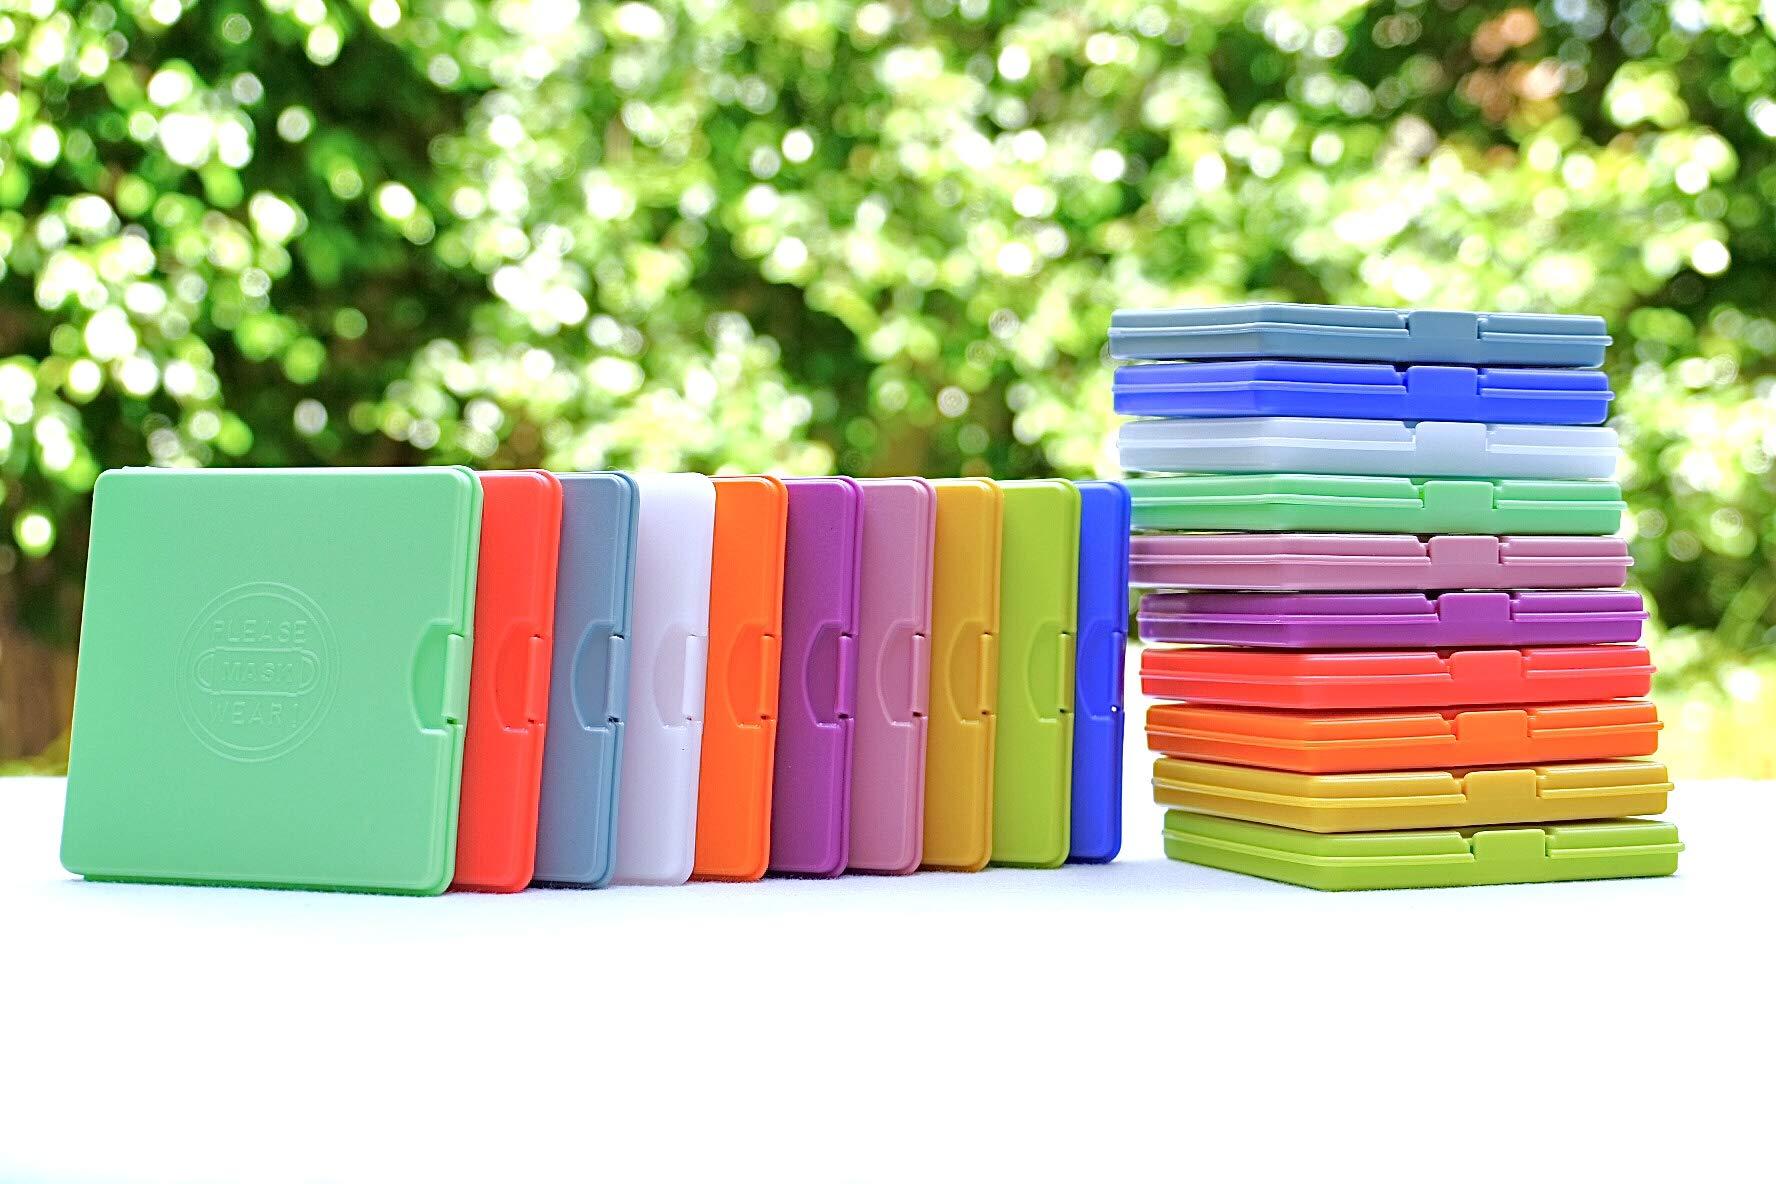 Estuche para mascarillas/Caja para mascarillas Marca SP Smart Plastic ® (Multicolor, 2 Unidades): Amazon.es: Hogar